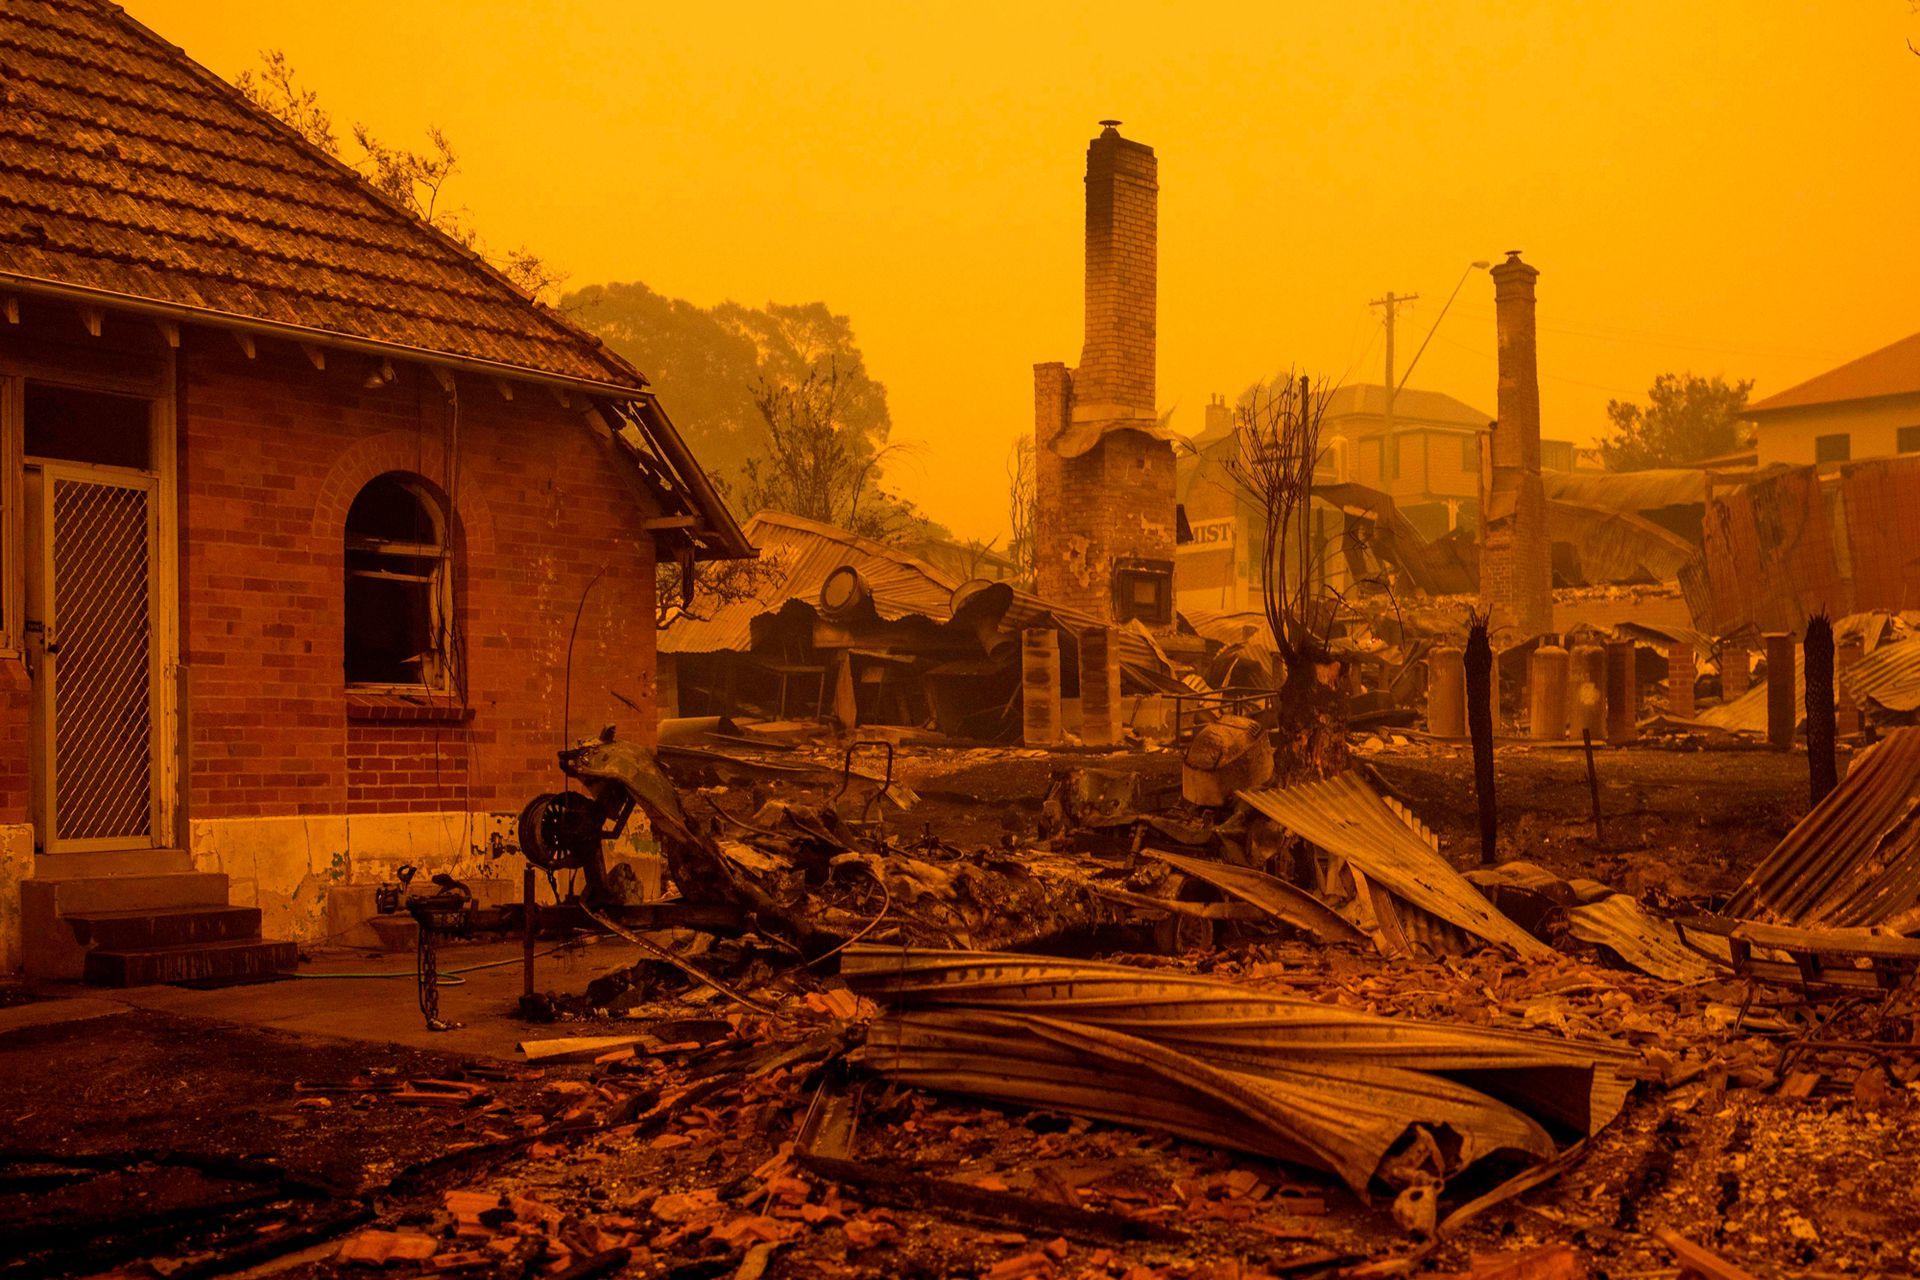 Los restos de edificios incendiados se ven a lo largo de la calle principal en la ciudad de Cobargo, Nueva Gales del Sur, el 31 de diciembre, después de que incendios forestales asolaran la ciudad. Más de 200 viviendas fueron destruidas y algunos pueblos se han convertido en ruinas humeantes.